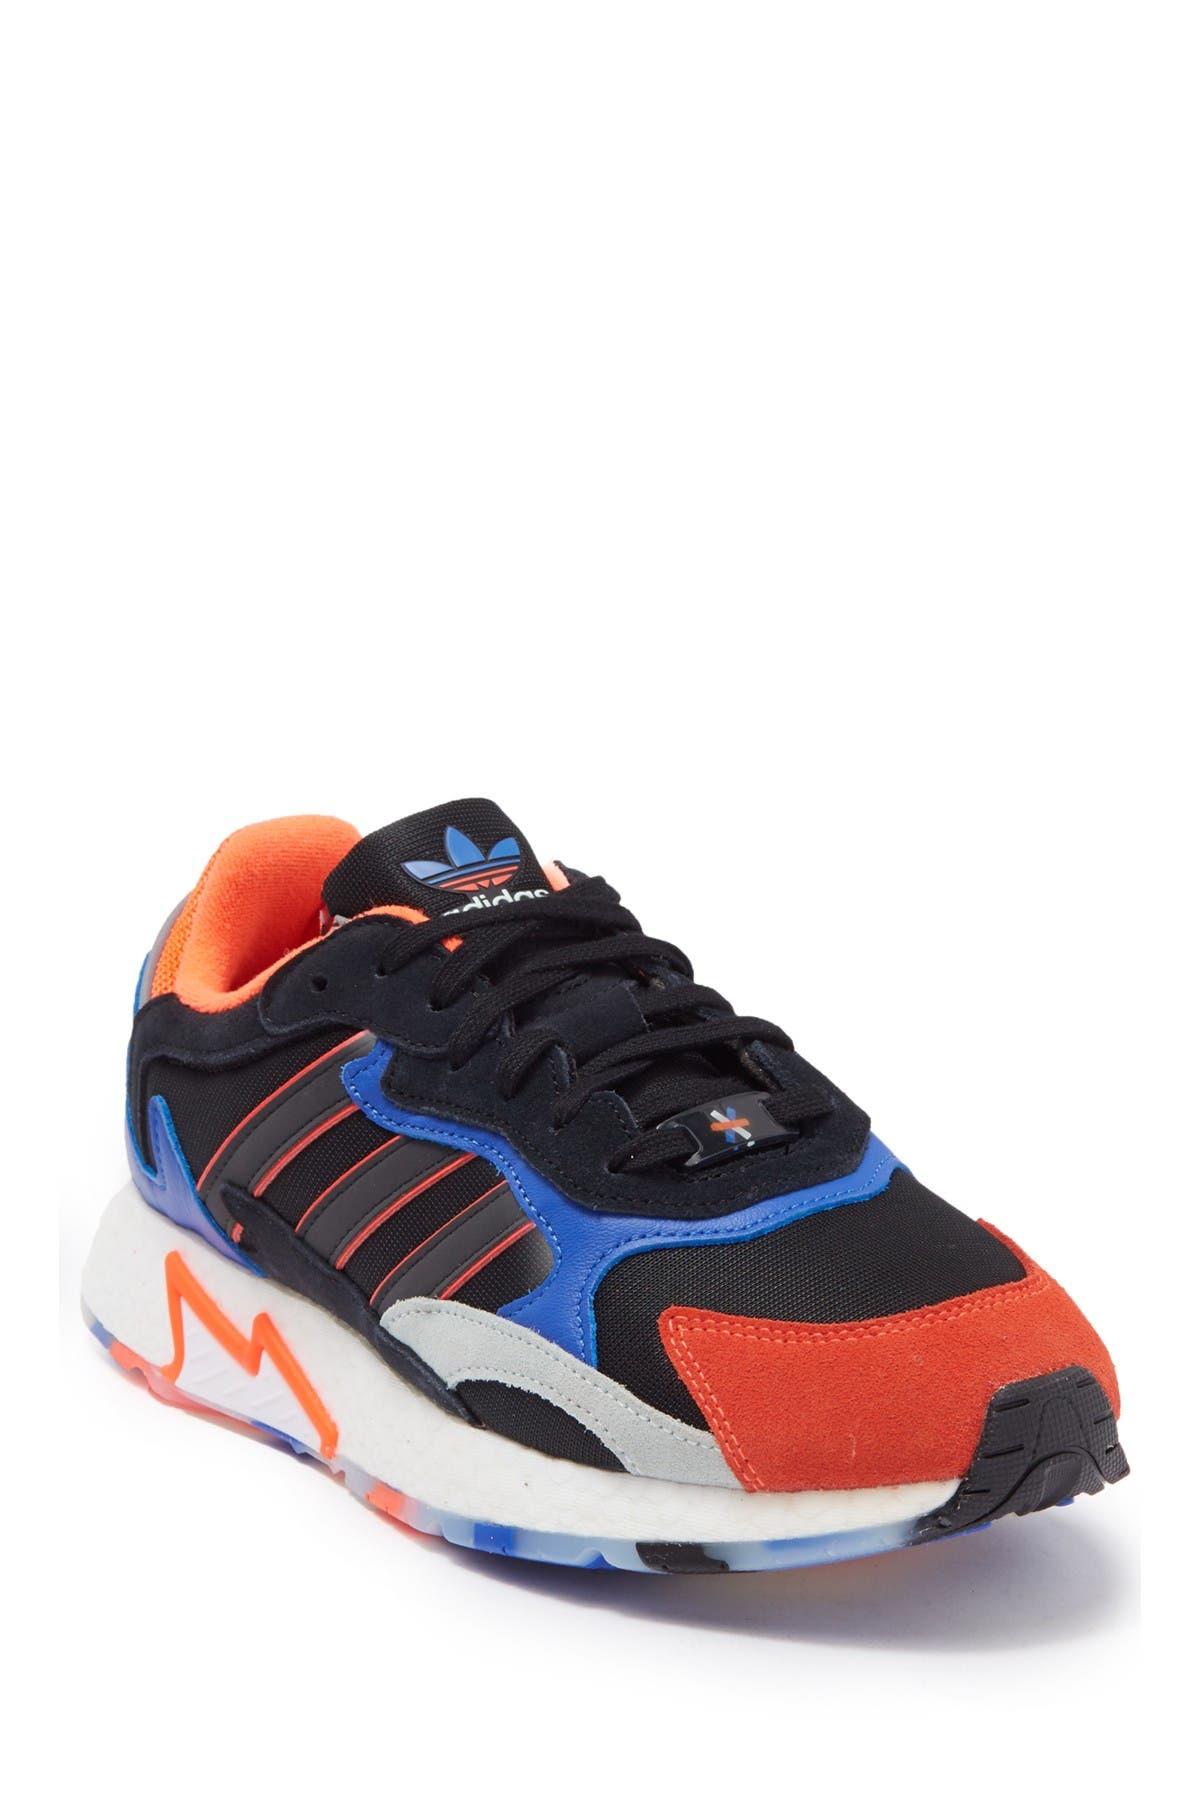 Image of adidas Tresc Running Shoe